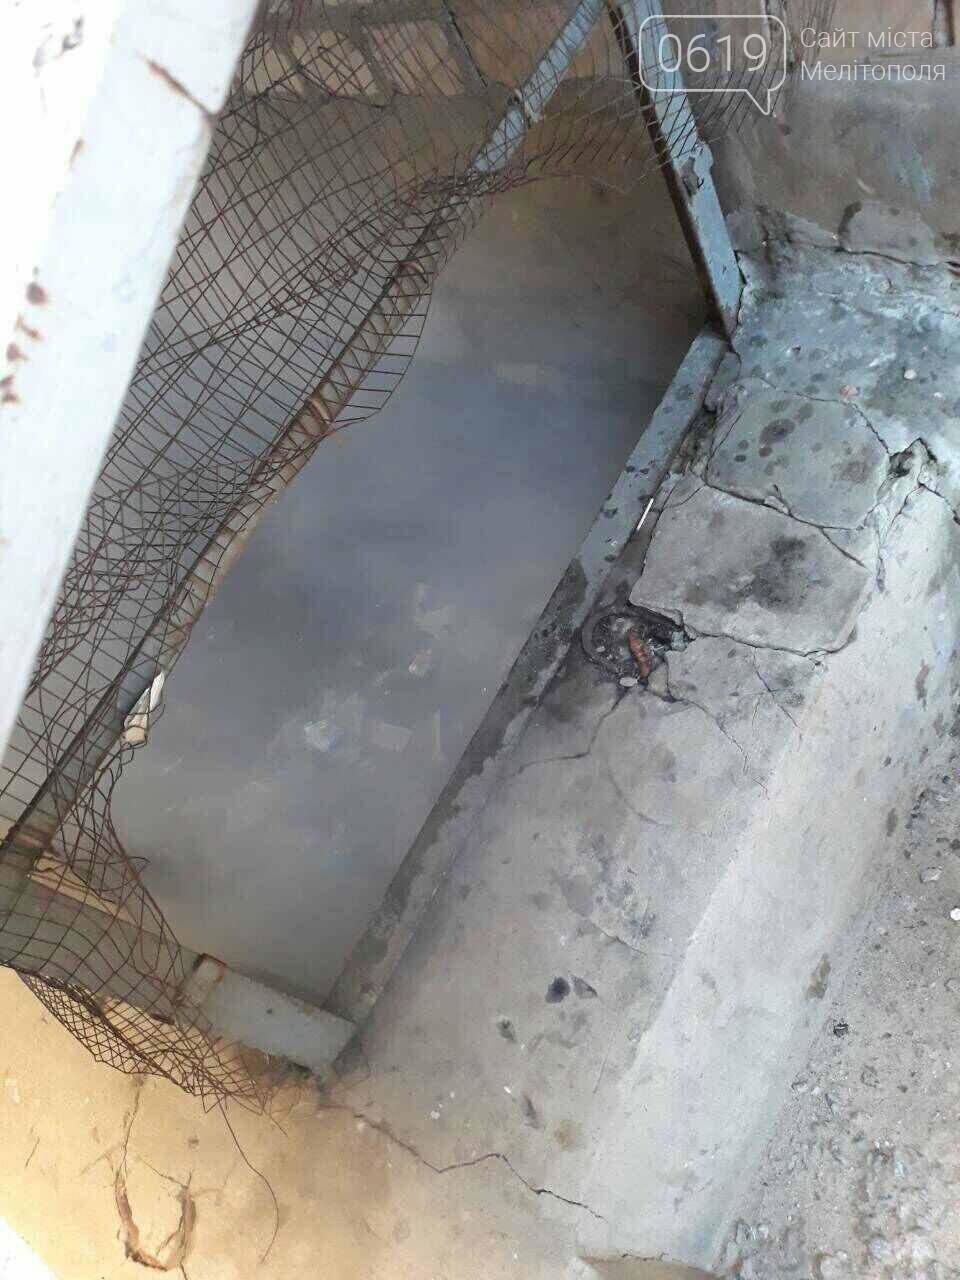 Мелитопольские спасатели потушили пожар в подвале многоэтажки, - ФОТО , фото-2